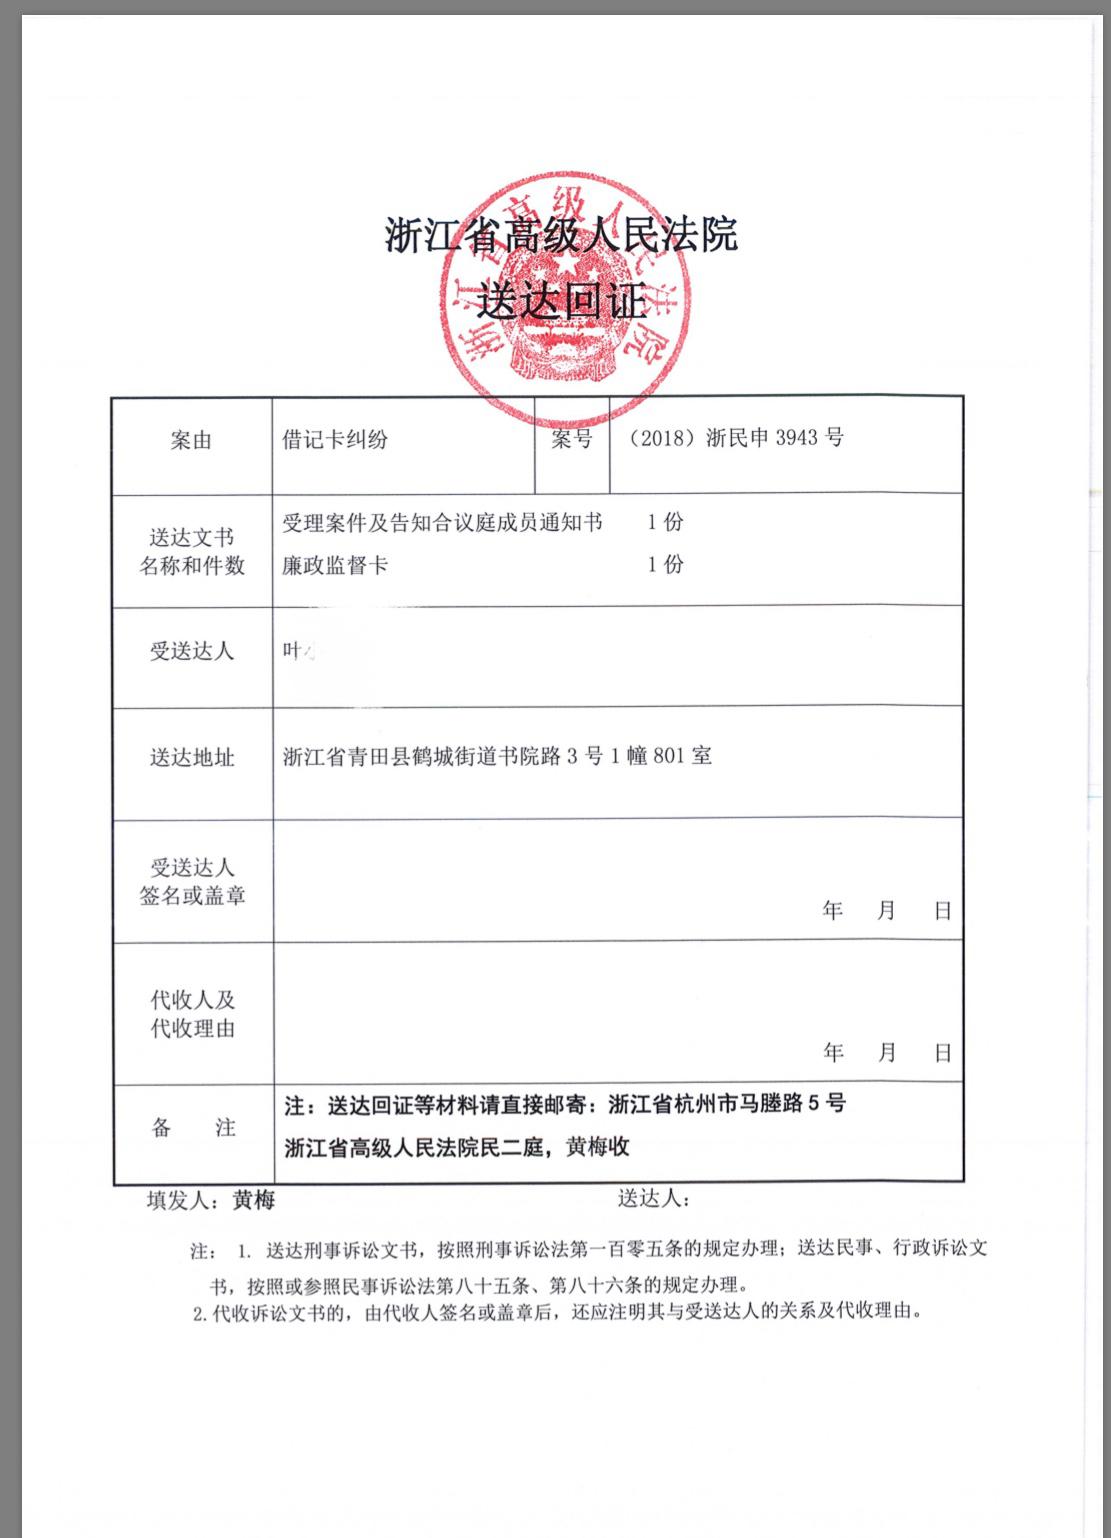 浙江高院的再审受理的送达回证